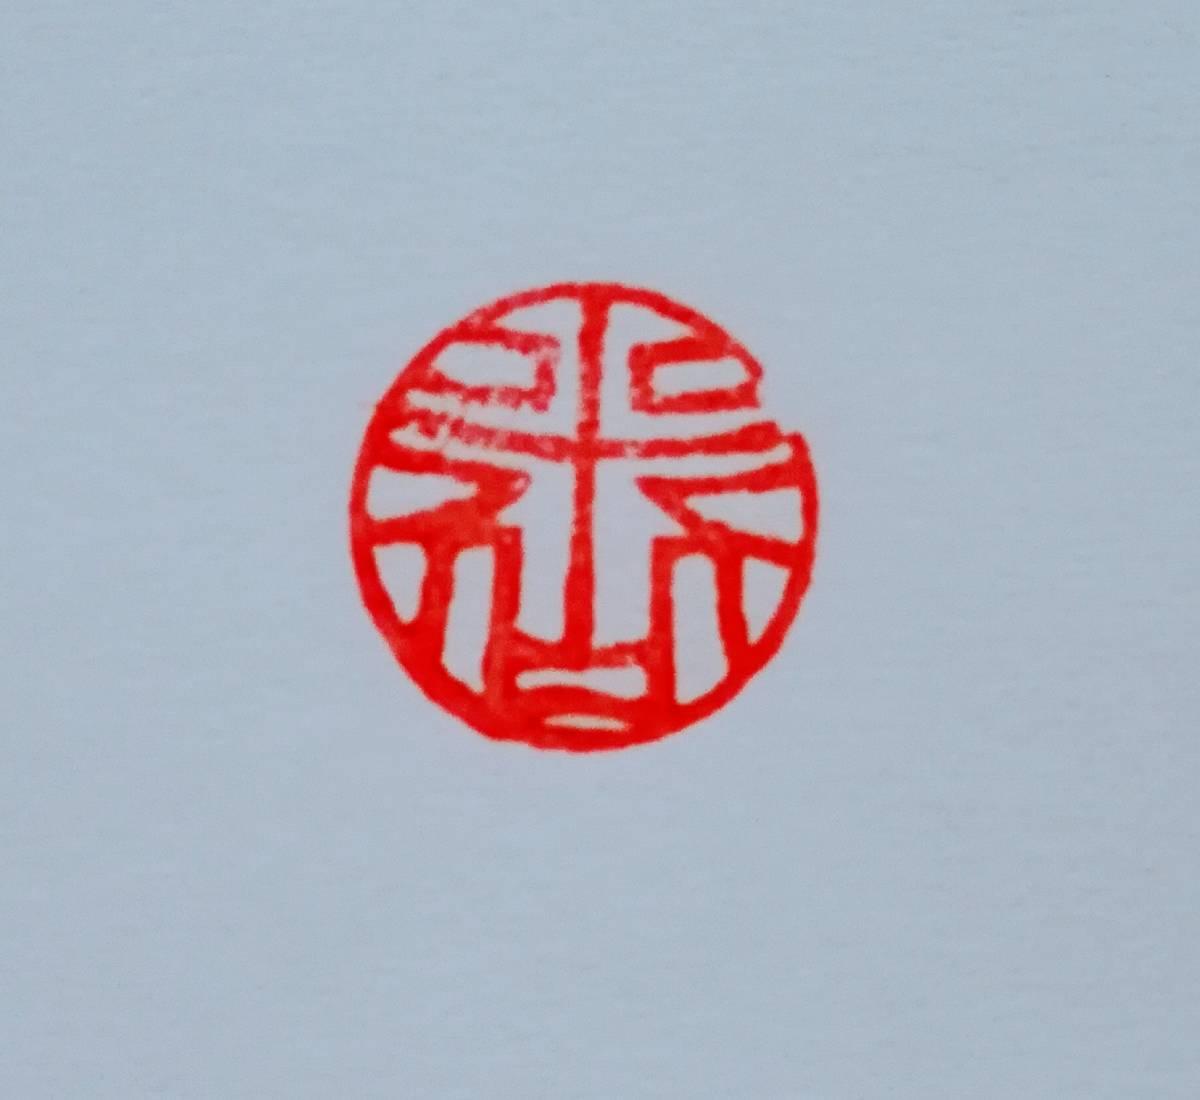 【米山】未開封 XL-9 印鑑 ハンコ【新品】 判子 スタンプ シャチハタ Xスタンパー 印鑑 1本 印面9.5ミリ 幸福印章1本新品 印面12ミリ _画像3